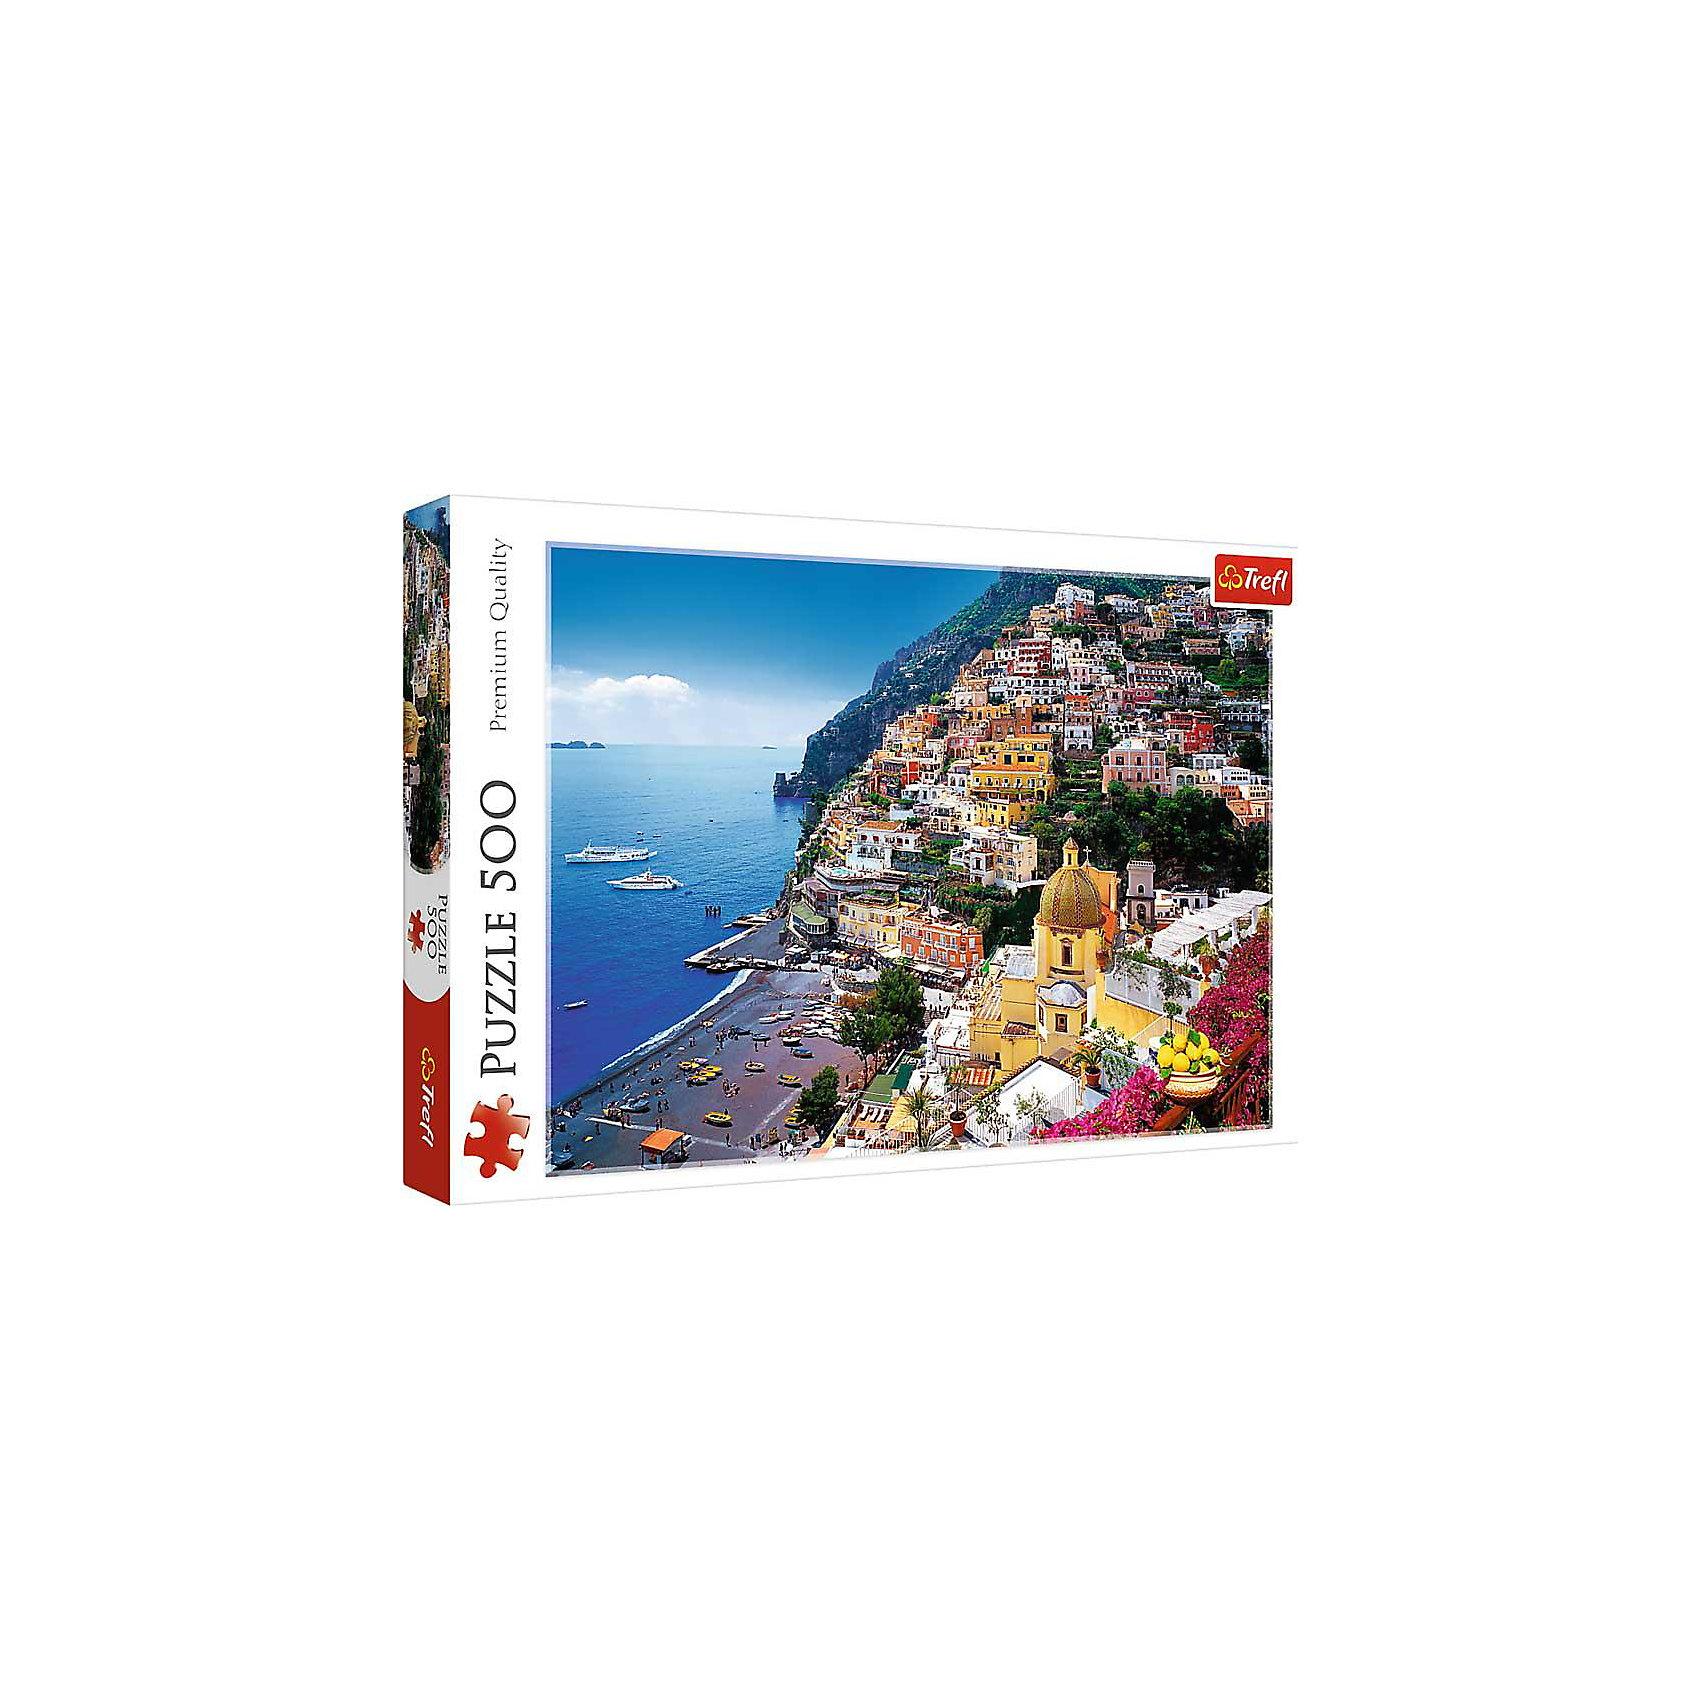 Пазл «Позитано. Италия», 500 деталей, TreflКлассические пазлы<br>Характеристики товара:<br><br>• возраст от 10 лет;<br>• материал: картон;<br>• в наборе: 500 элементов;<br>• размер пазла 48х34 см;<br>• размер упаковки 26,6х39,8х4,5 см;<br>• вес упаковки 500 гр.;<br>• страна производитель Польша.<br><br>Пазл «Позитано. Италия» Trefl — пазл с красивыми видами города Позитано обязательно понравится всем любителям собирать пазлы. На пазле изображены завораживающие виды на море, солнечный пляж и уютные красивые домики. Собирая пазл, у детей развиваются внимательность, усидчивость, аккуратность. Пазл изготовлен из качественных материалов со специальным стойким покрытием.<br><br>Пазл «Позитано. Италия» Trefl можно приобрести в нашем интернет-магазине.<br><br>Ширина мм: 266<br>Глубина мм: 398<br>Высота мм: 45<br>Вес г: 500<br>Возраст от месяцев: 120<br>Возраст до месяцев: 2147483647<br>Пол: Унисекс<br>Возраст: Детский<br>SKU: 5578451